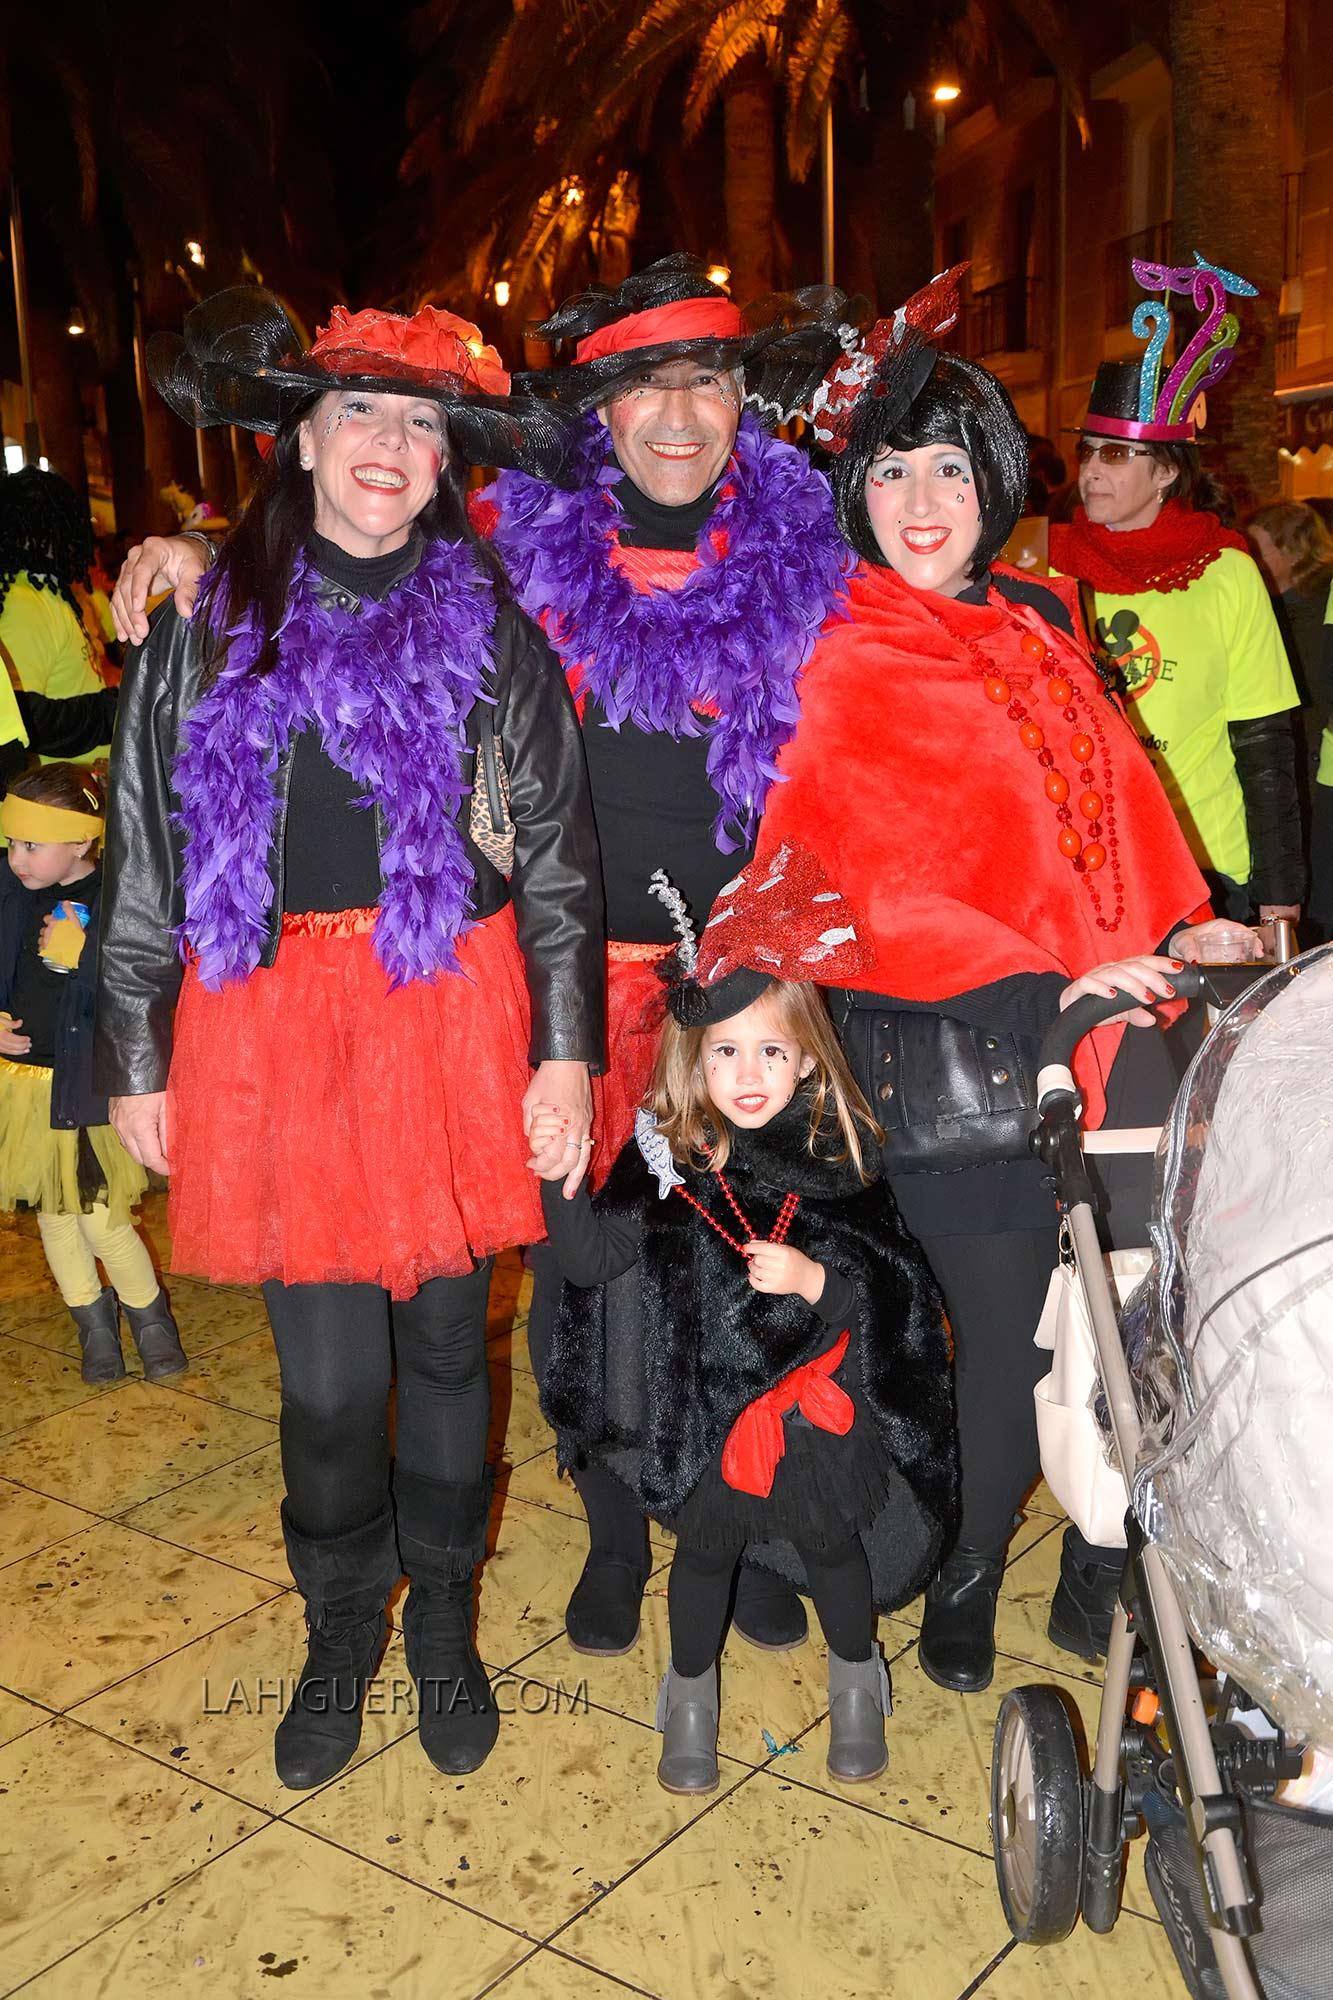 Entierro de la sardina carnaval isla cristina _DSC2177